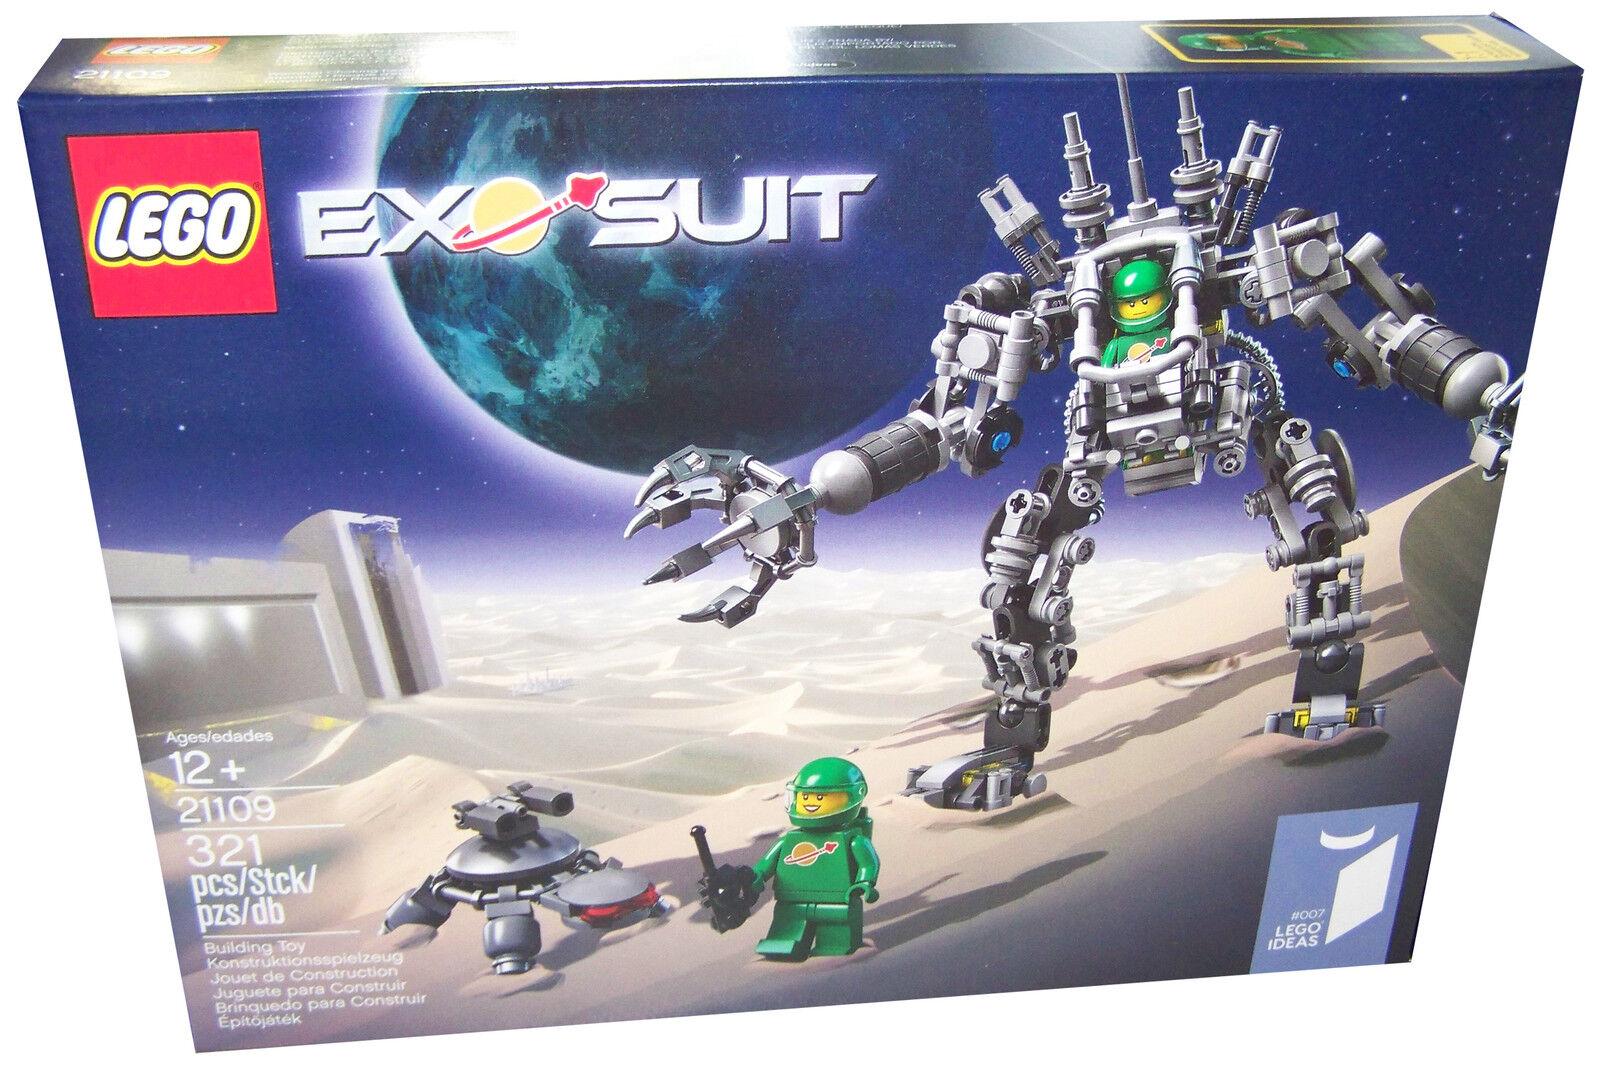 LEGO Ideas - 21109 EXO Suit-in esclusiva/Exclusive-NUOVO & OVP